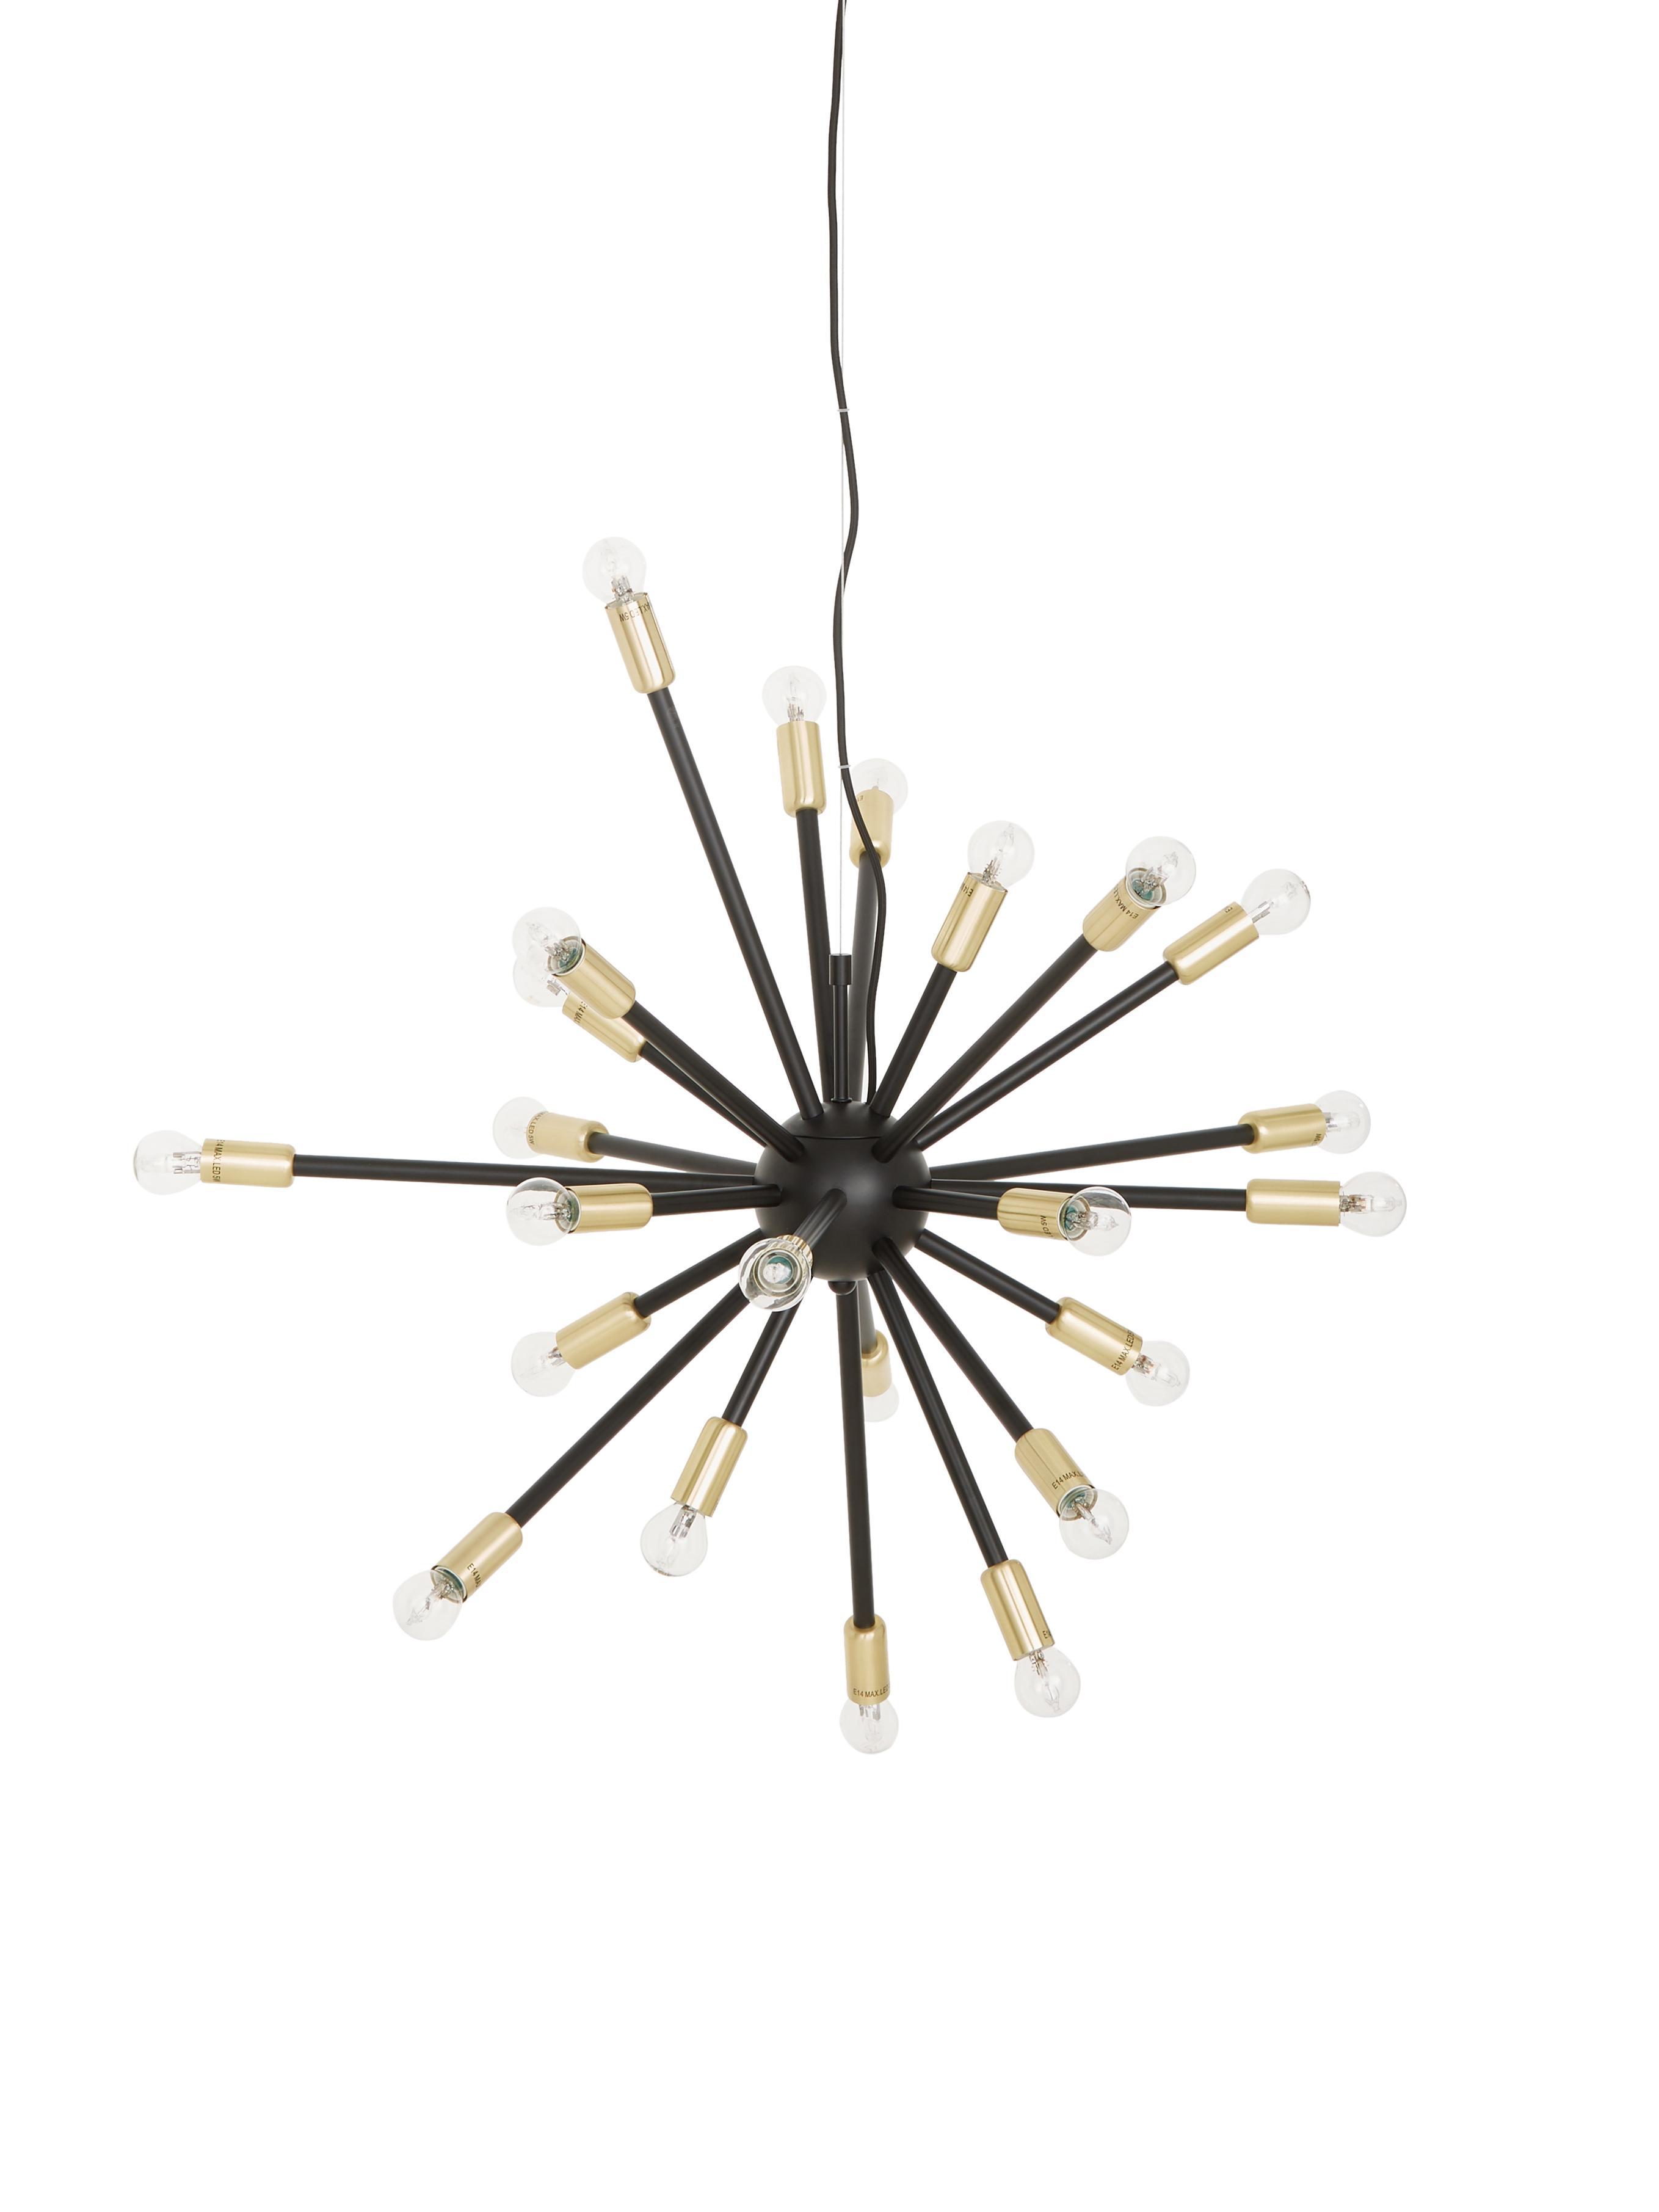 Große Pendelleuchte Spike in Schwarz und Gold, Baldachin: Metall, beschichtet, Lampenschirm: Metall, beschichtet, Schwarz, Goldfarben, Ø 90 cm